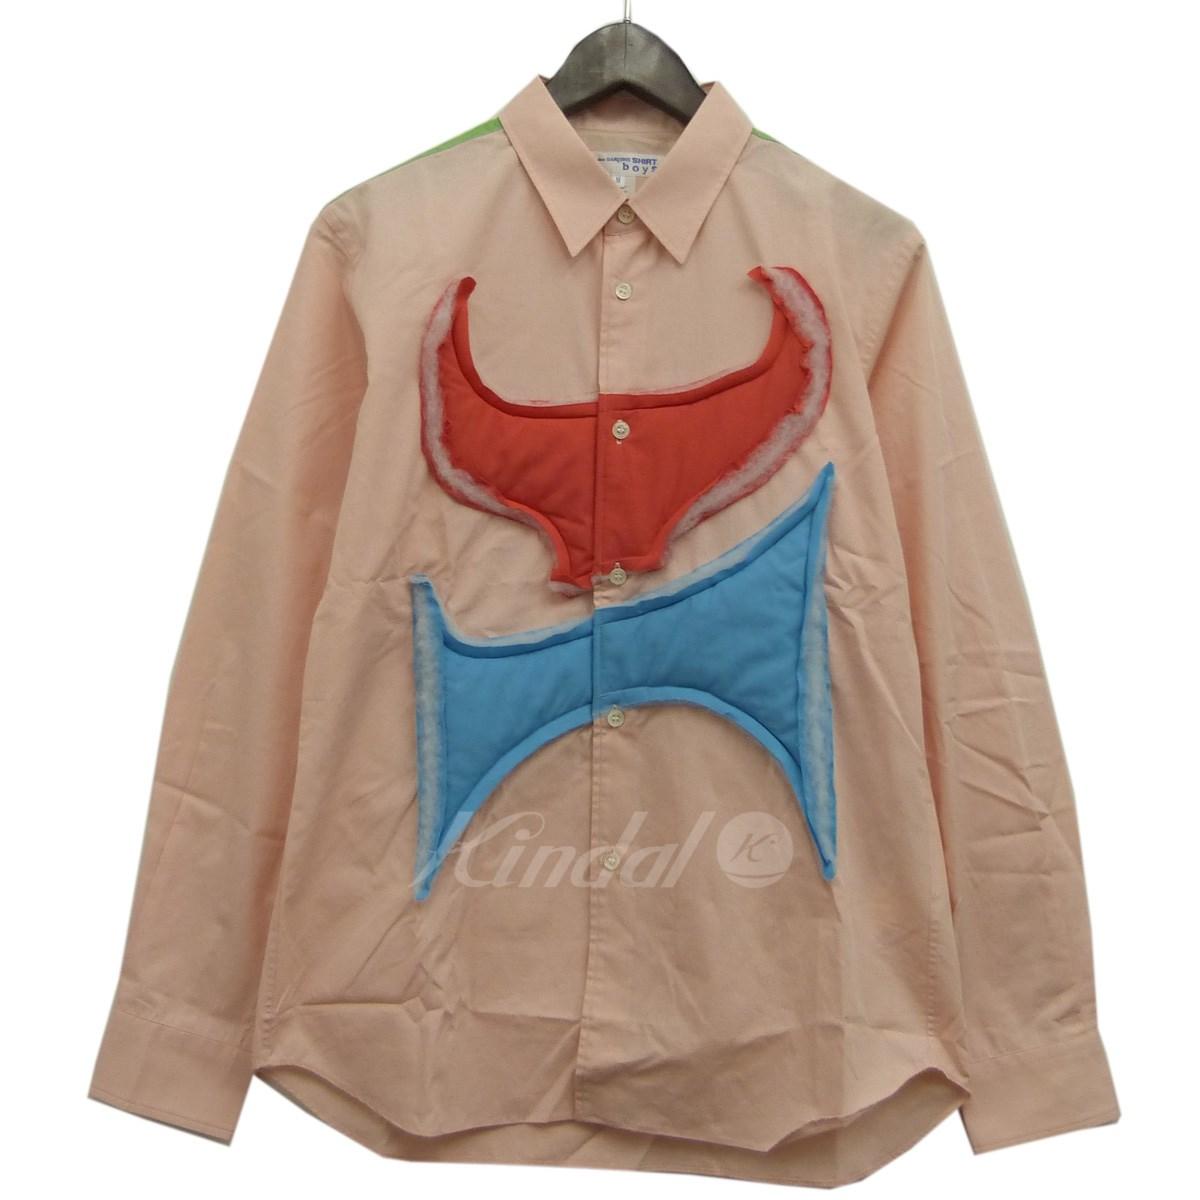 【中古】COMME des GARCONS SHIRT boys 18AW 中綿フロントデザインシャツ ライトピンク サイズ:M 【送料無料】 【080419】(コムデギャルソン シャツ ボーイズ)